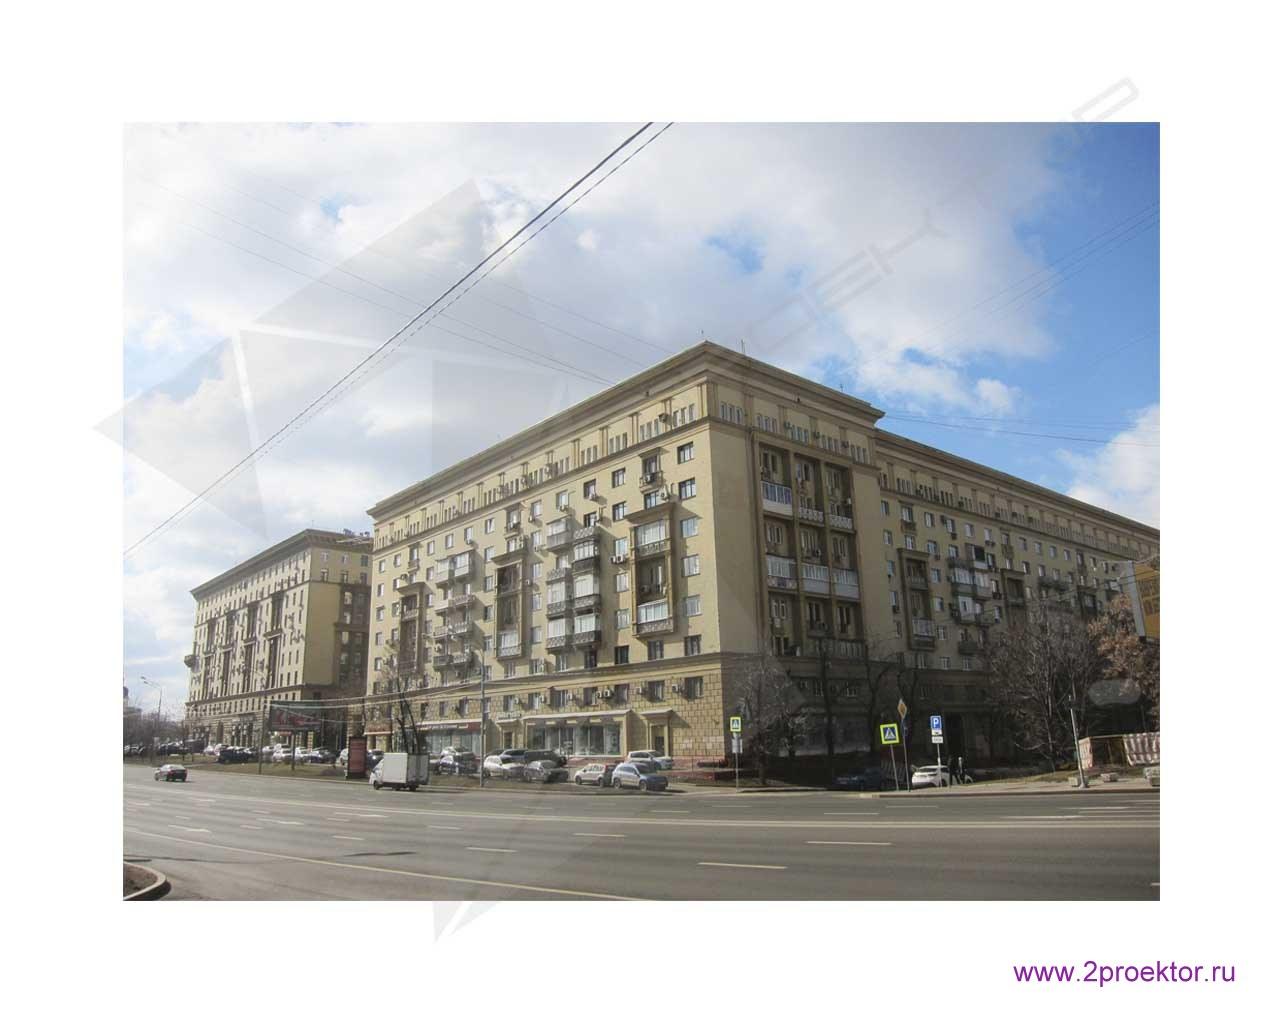 Сталинский дом в Москве